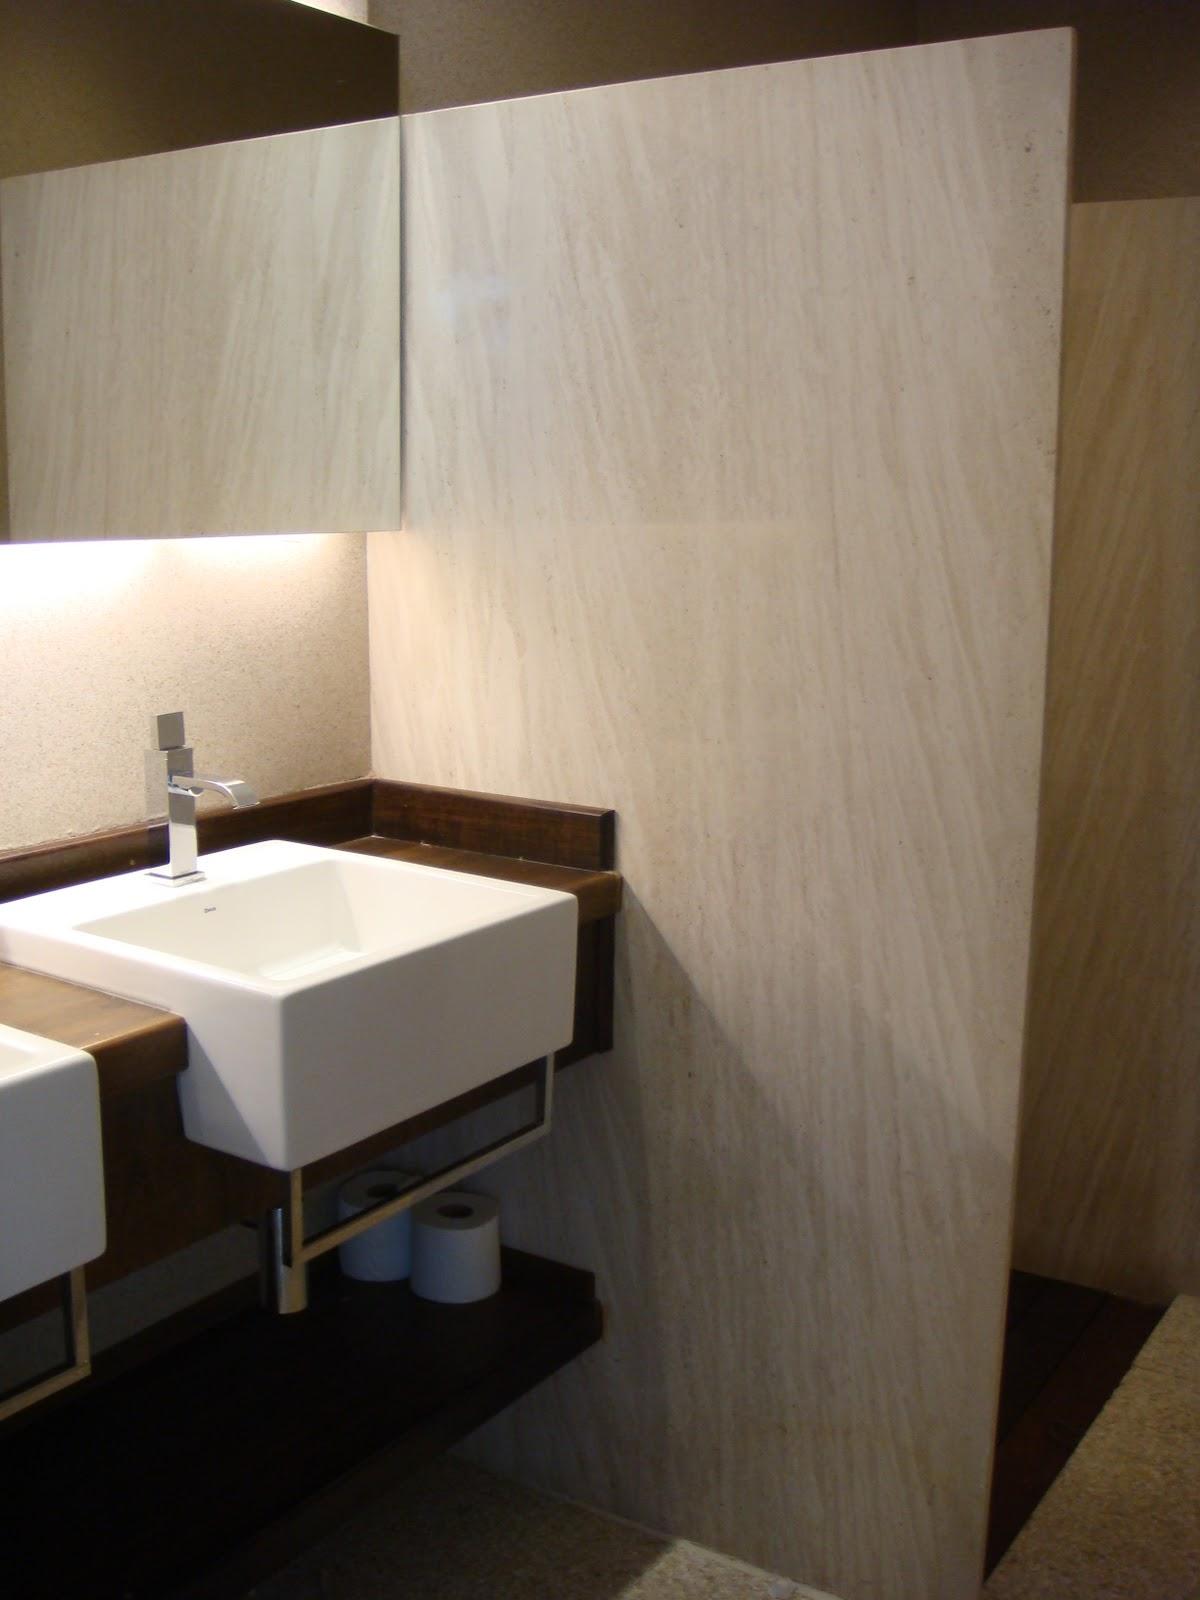 Detalhe do banheiro com bancada em madeira fulget nas paredes e  #876A44 1200x1600 Bancada Banheiro Silestone Vermelho